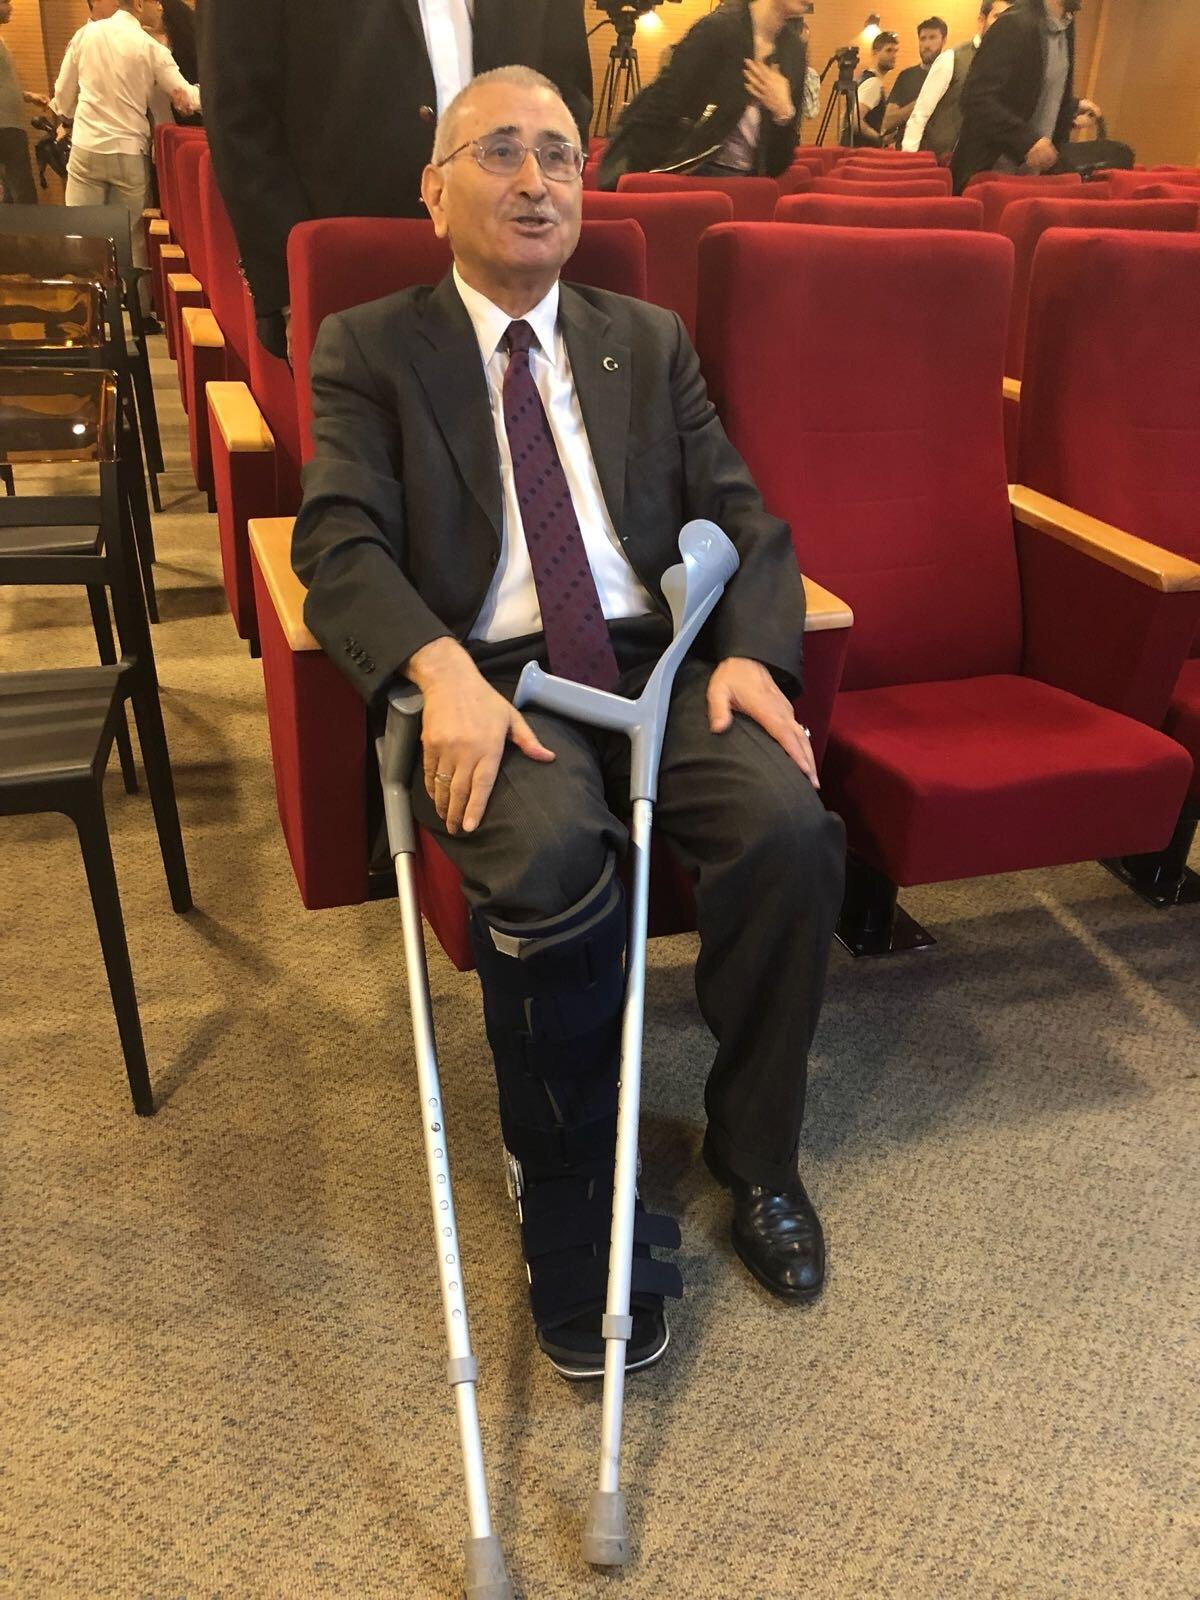 Merkez Bankası eski Başkanı İYİ Partili Durmuş Yılmaz'ın yürüyüş sırasında tendonu koptu. Yılmaz partiye koltuk değneği ile geldi...